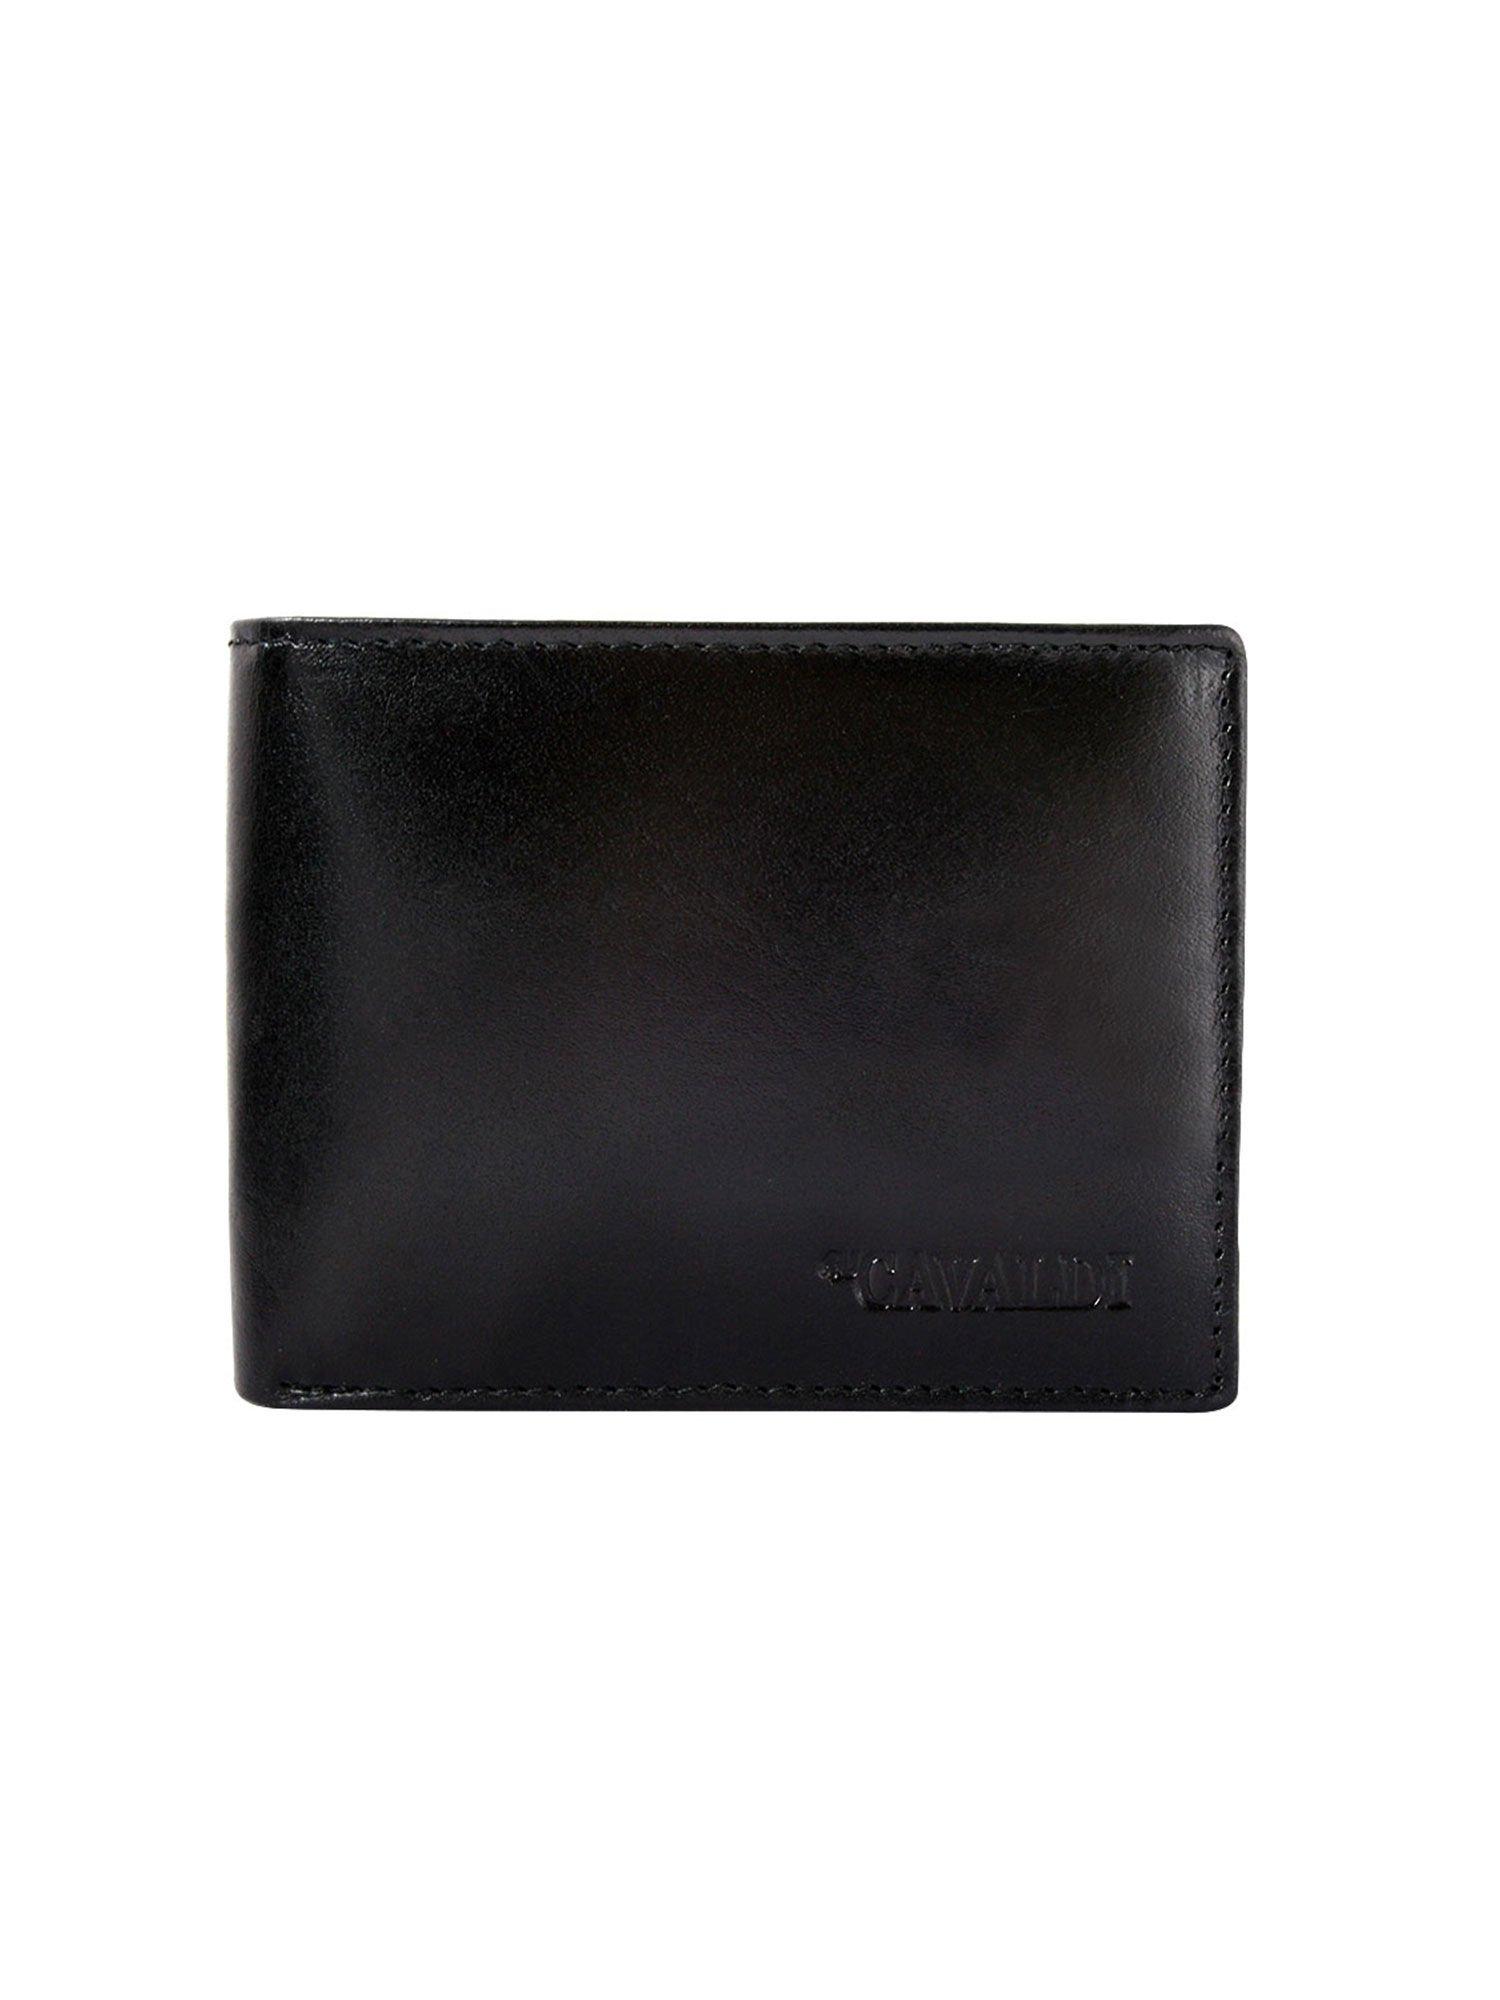 6990a9c9c451b Czarny portfel męski skórzany bez zapięcia - Mężczyźni portfel męski - sklep  eButik.pl